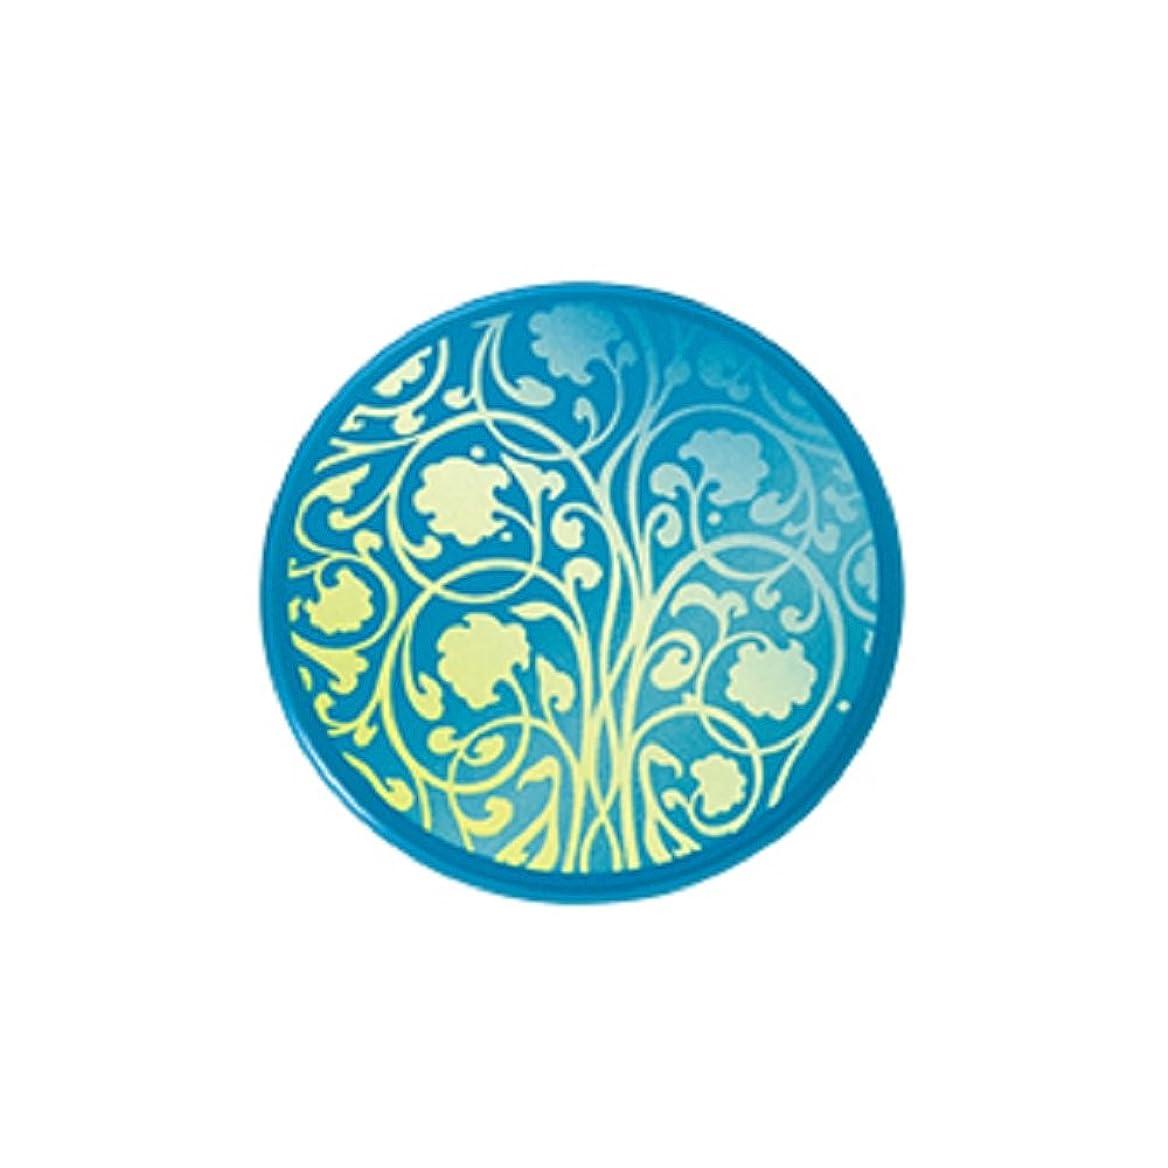 神秘シェフカートンアユーラ (AYURA) ウェルフィット アロマバーム 14g 〈ソリッドパヒューム〉 心地よい森林の香気